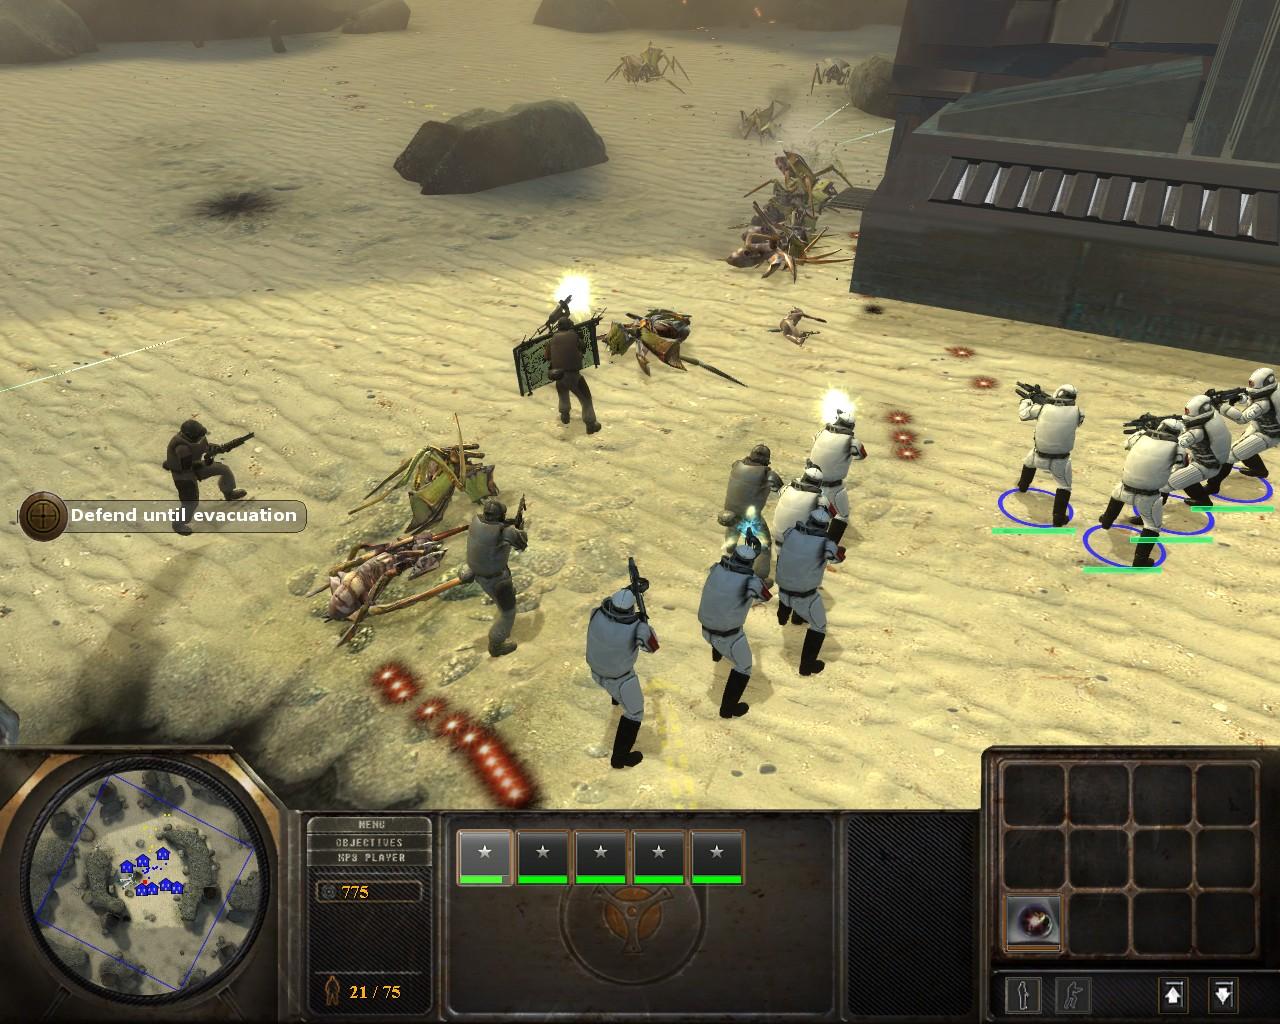 Half-Life 2: Wars v0.5 EXE file - Mod DB